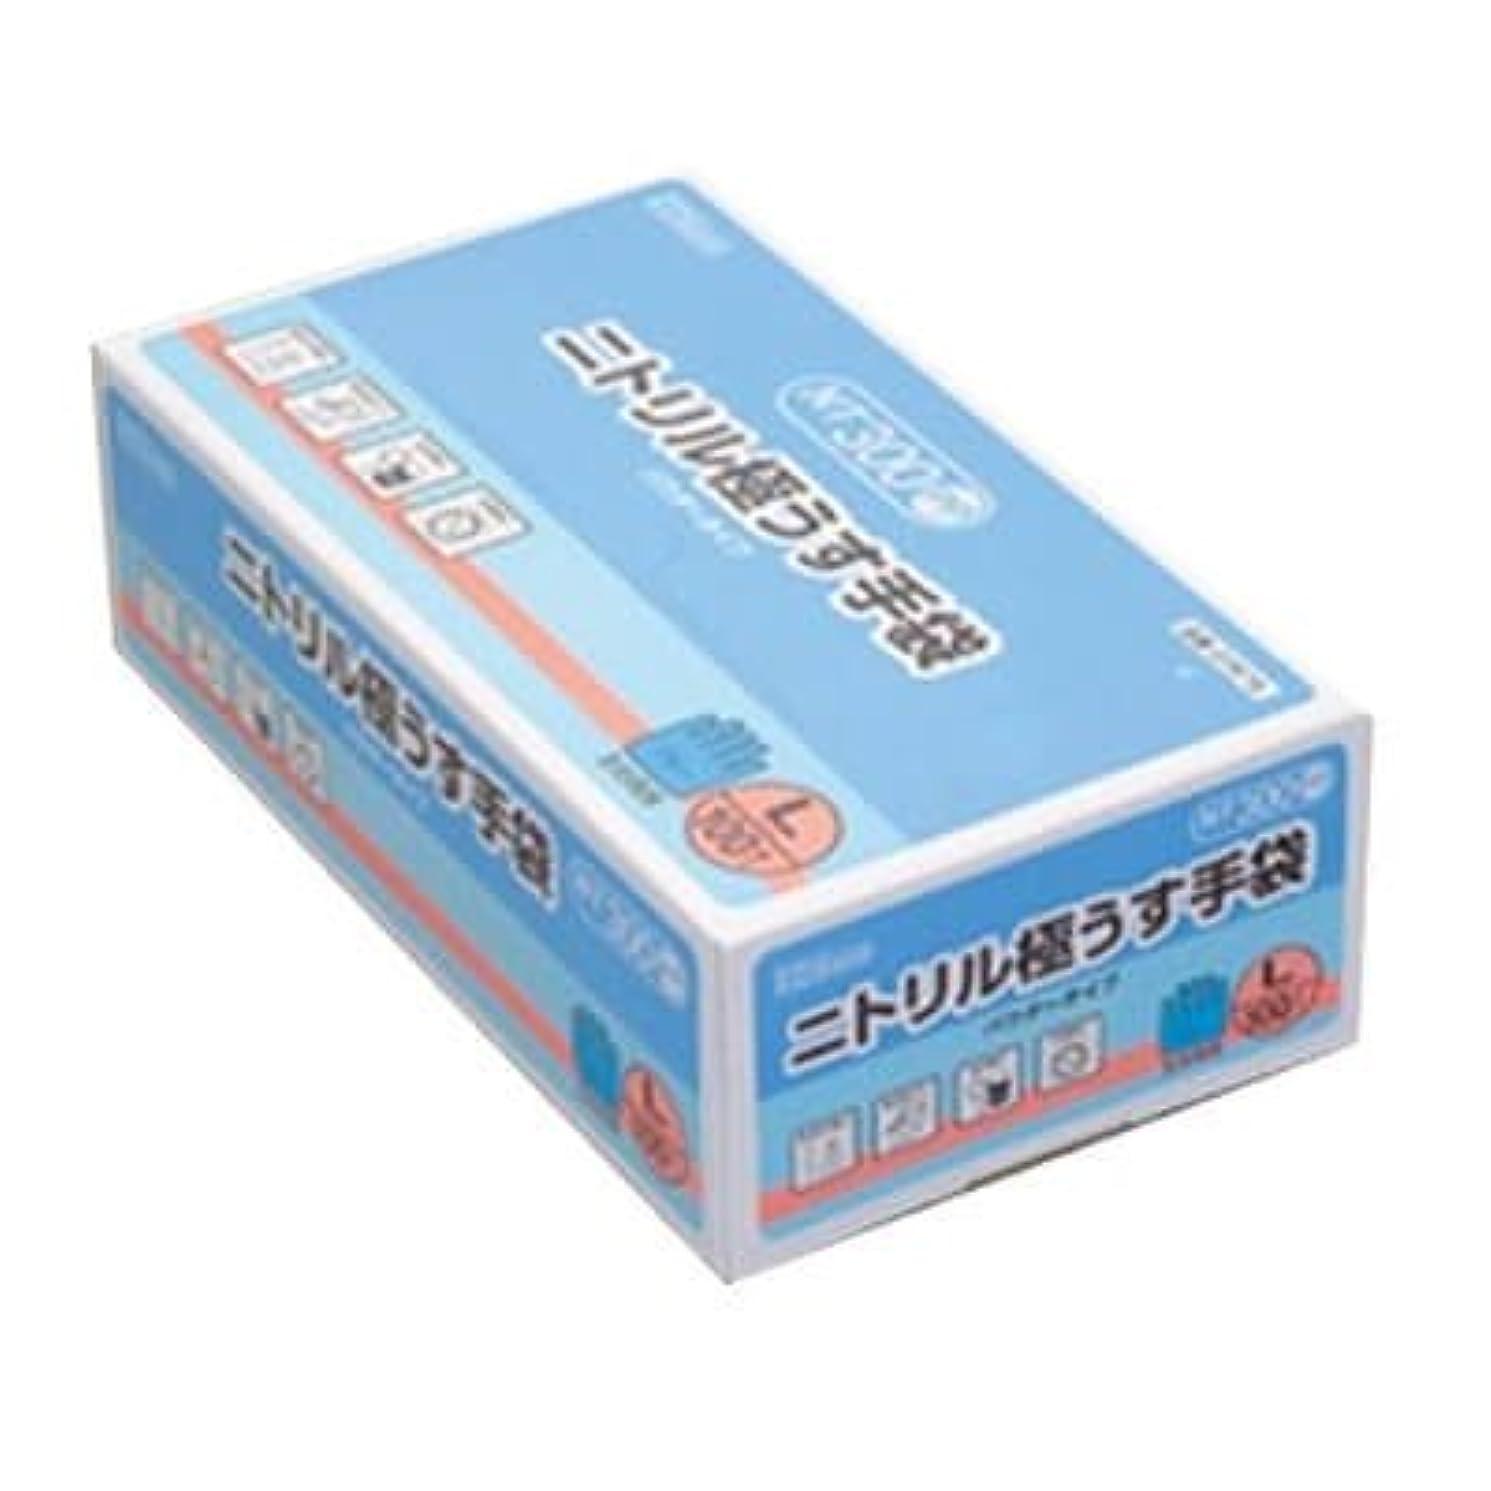 慣れているラウズ哲学的【ケース販売】 ダンロップ ニトリル極うす手袋 粉付 L ブルー NT-300 (100枚入×20箱)